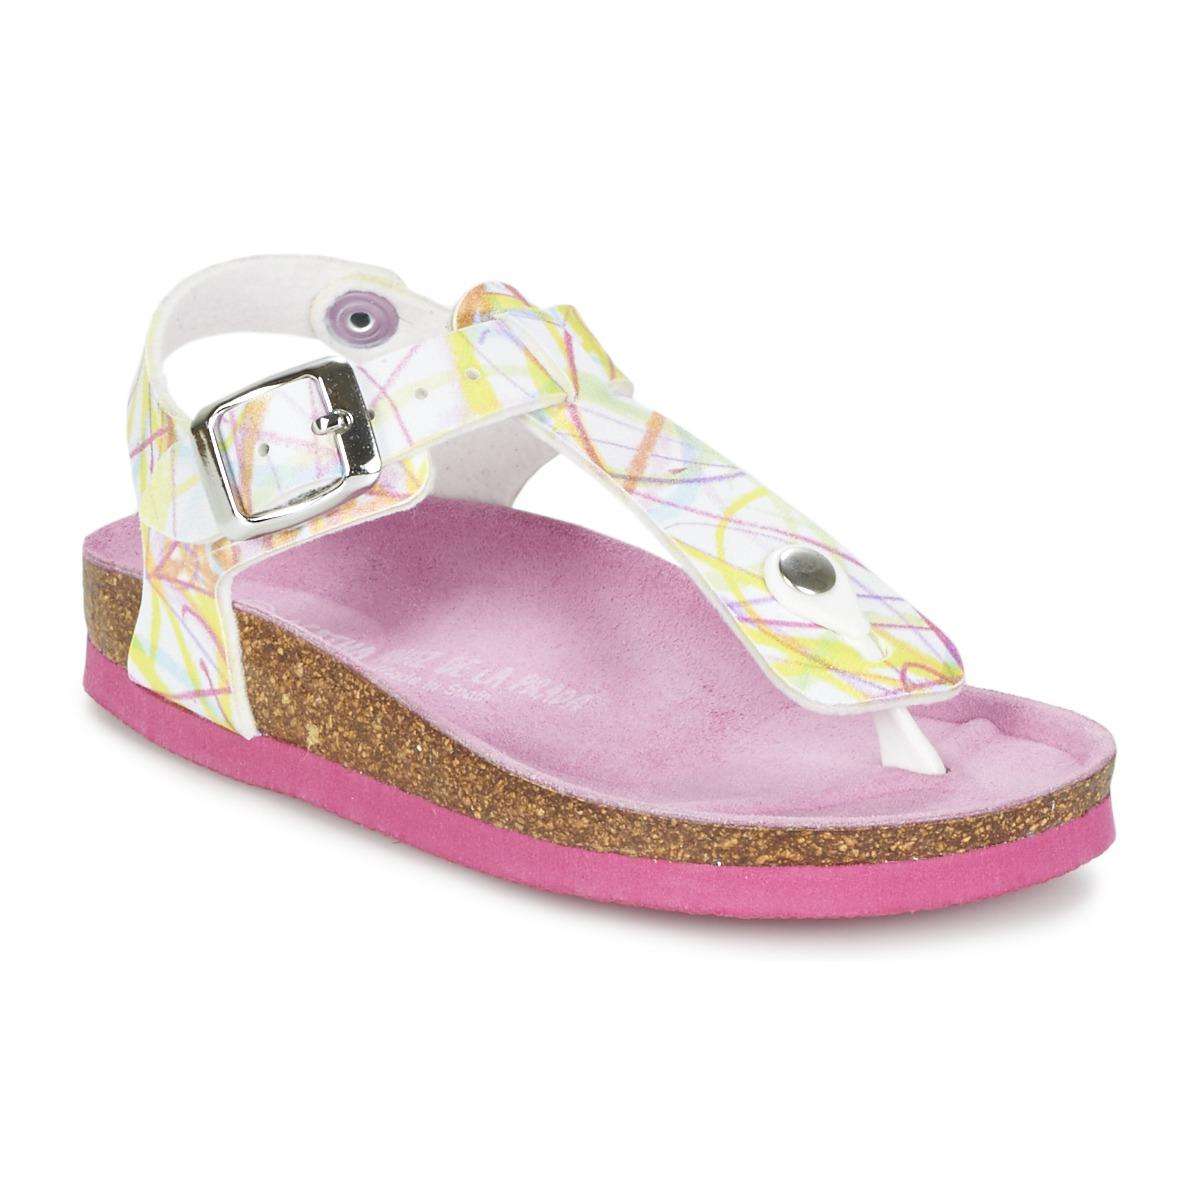 Sandale Agatha Ruiz de la Prada MARGANA Multicolor